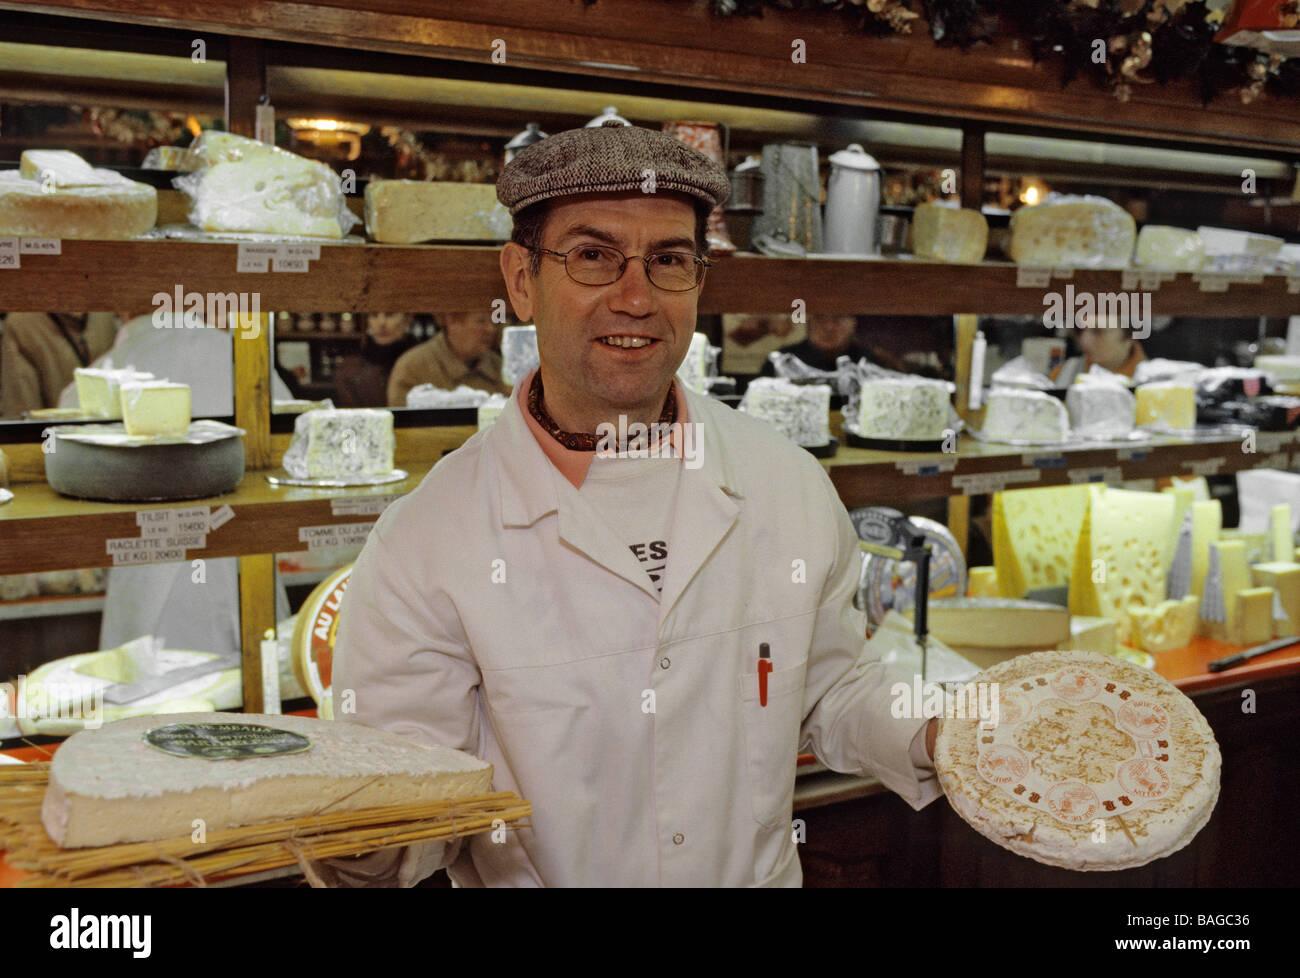 Frankreich, Seine et Marne, Melun, 9 Rue Carnot, Käser Jacky Boussion zeigt seine Bries de Melun und Bries Stockbild